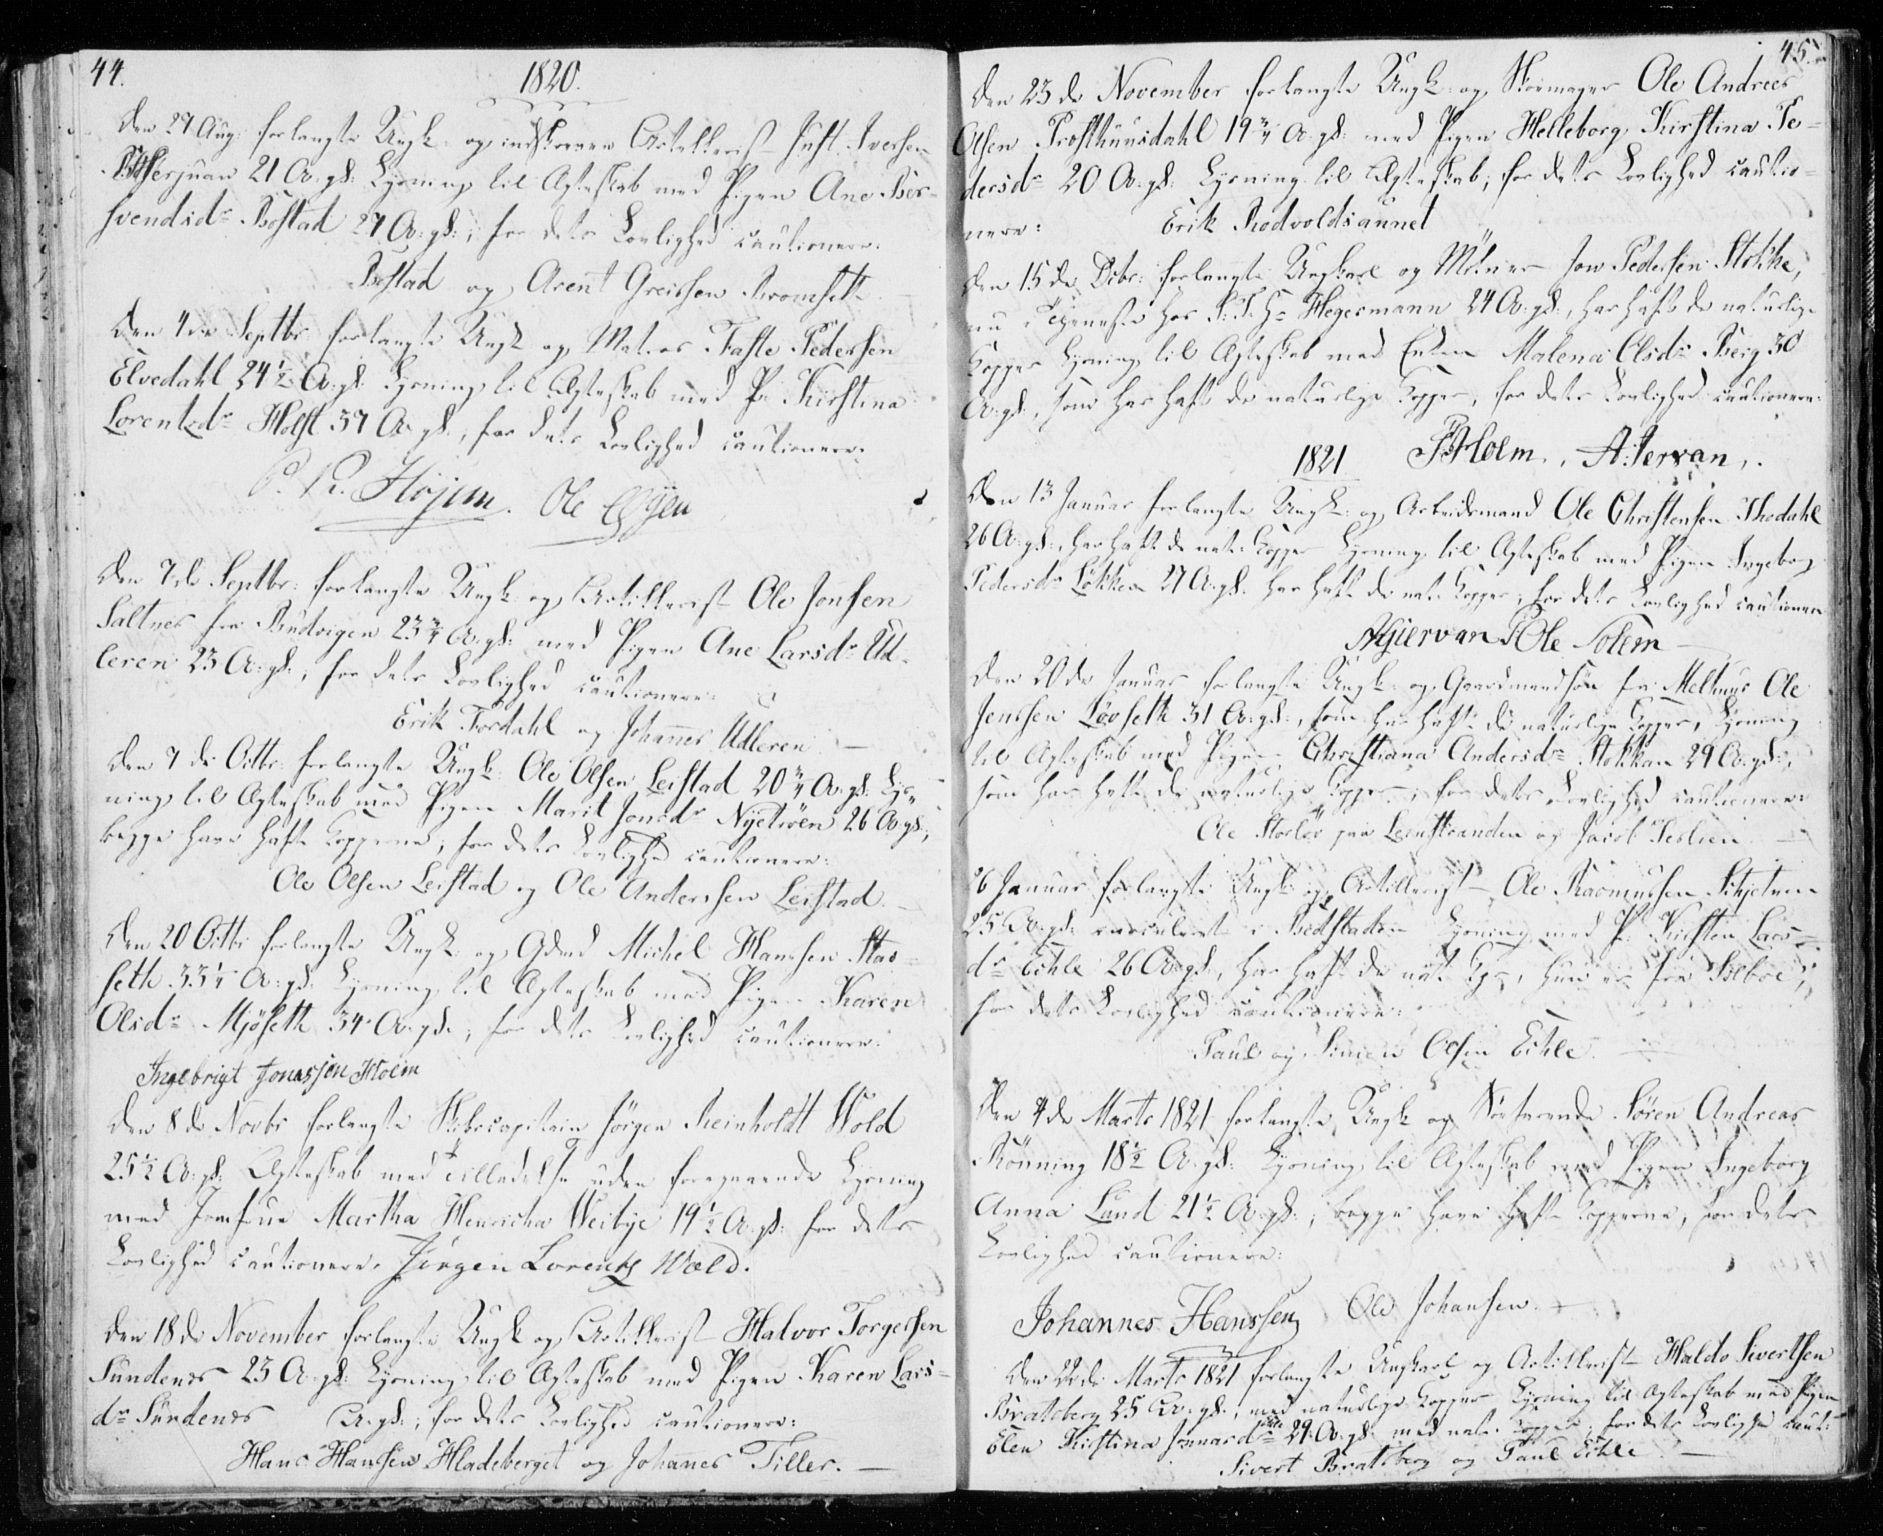 SAT, Ministerialprotokoller, klokkerbøker og fødselsregistre - Sør-Trøndelag, 606/L0295: Lysningsprotokoll nr. 606A10, 1815-1833, s. 44-45